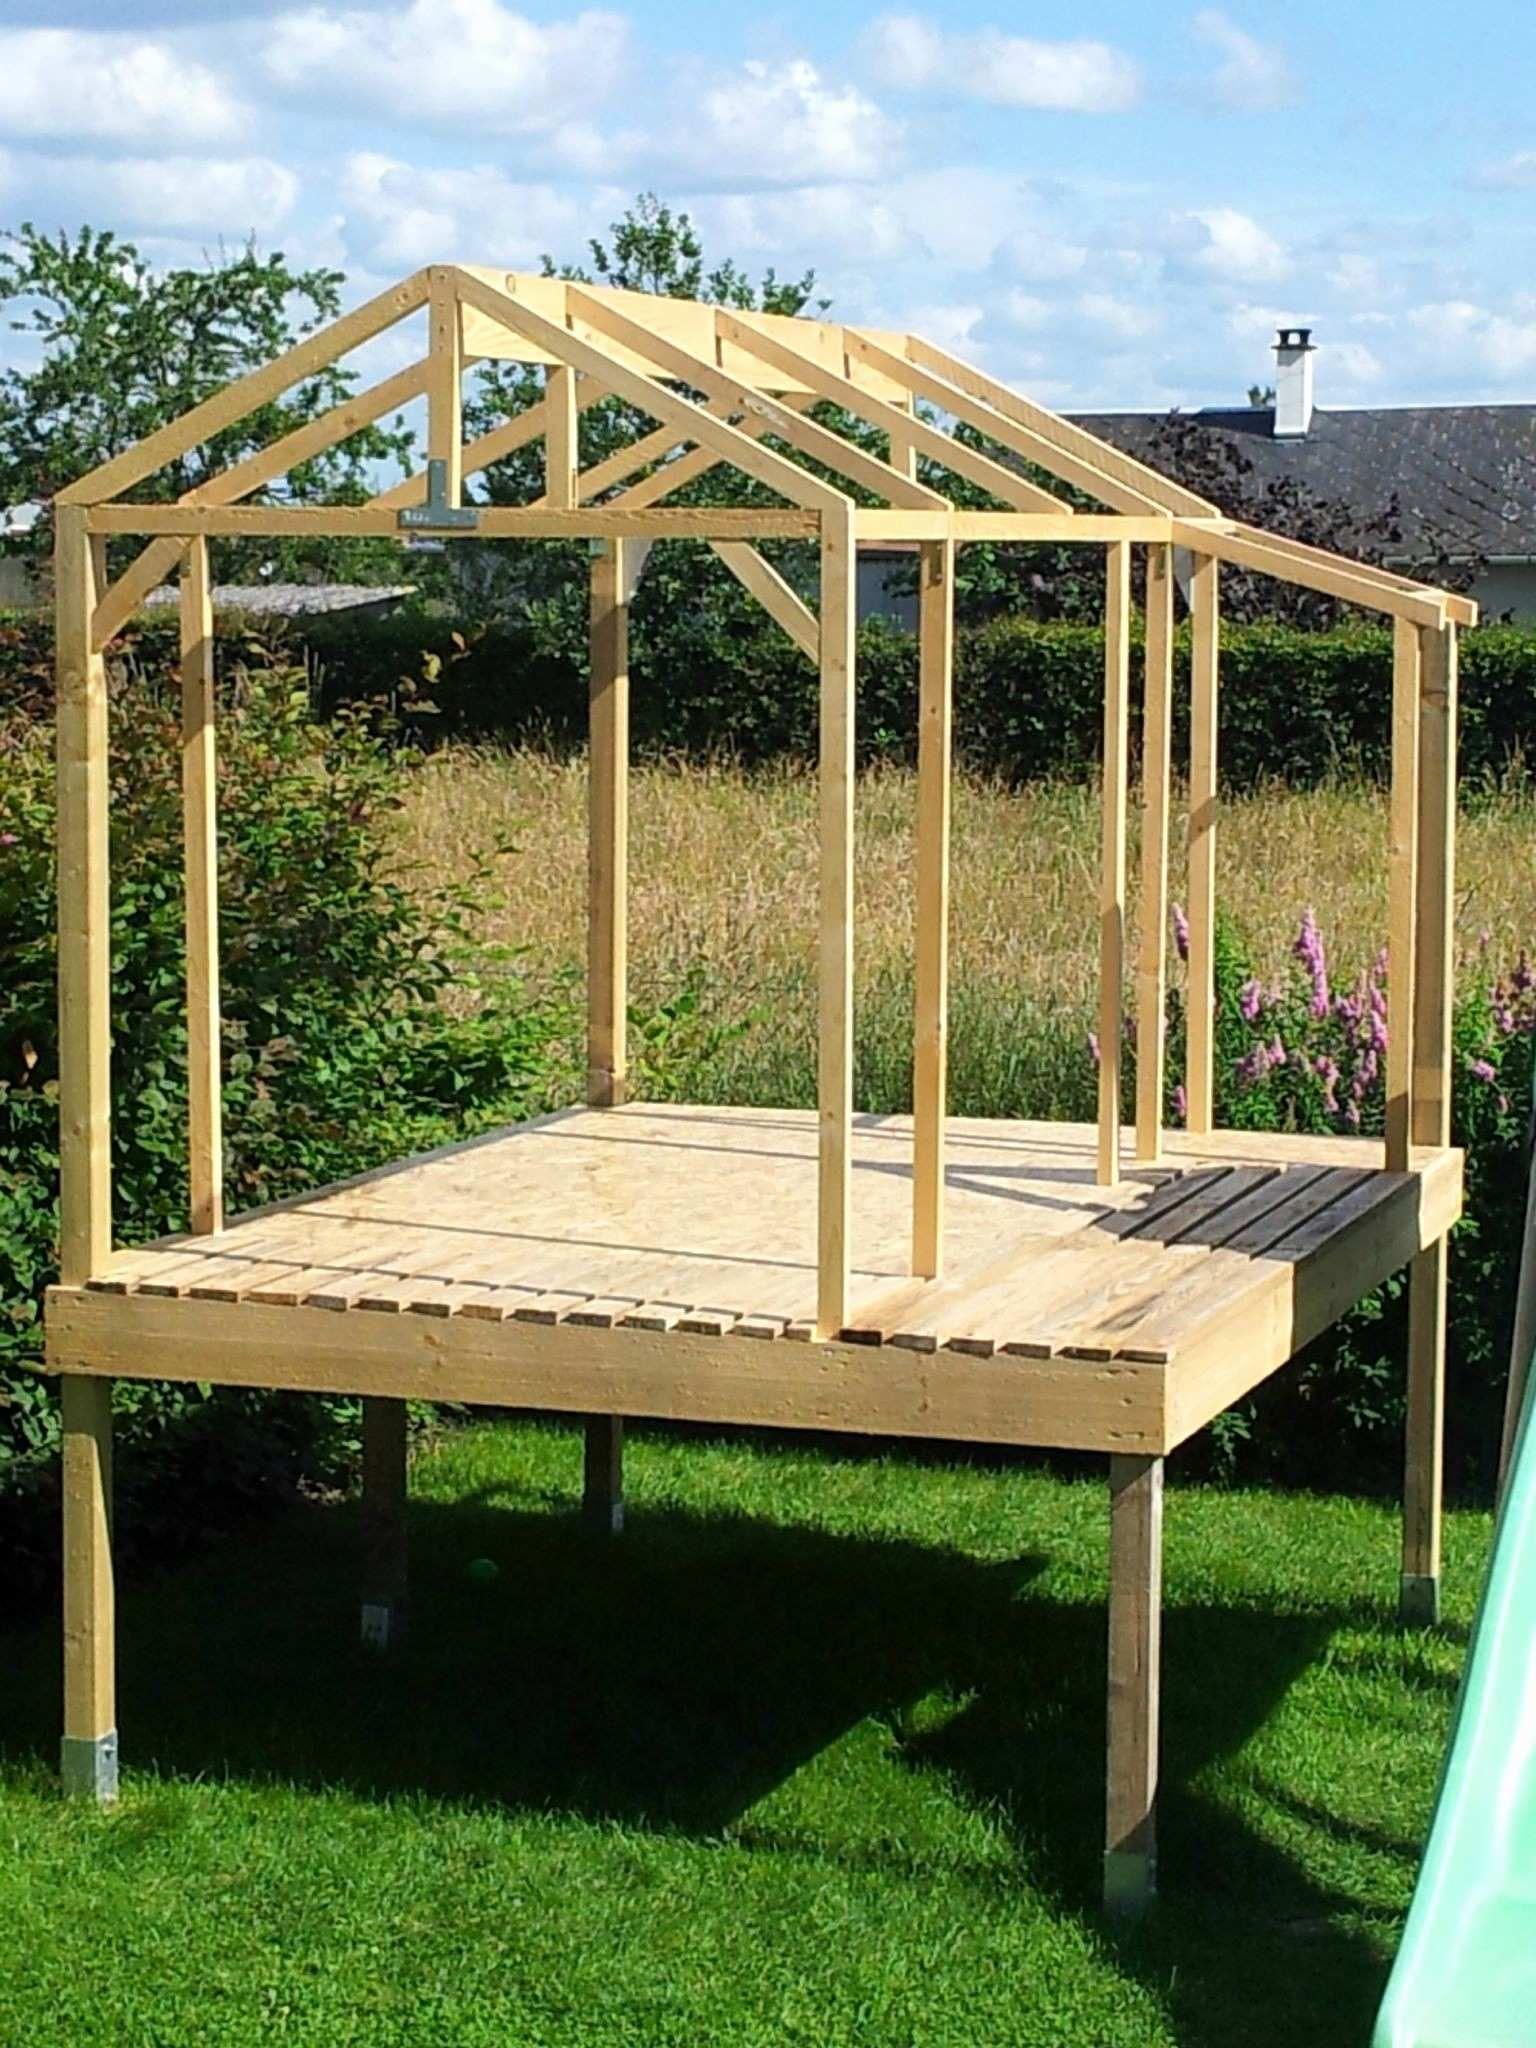 Epingle Par Liz Puffenbarger Sur Back Yard Construire Cabane Fabriquer Abri De Jardin Cabane Bois Enfant